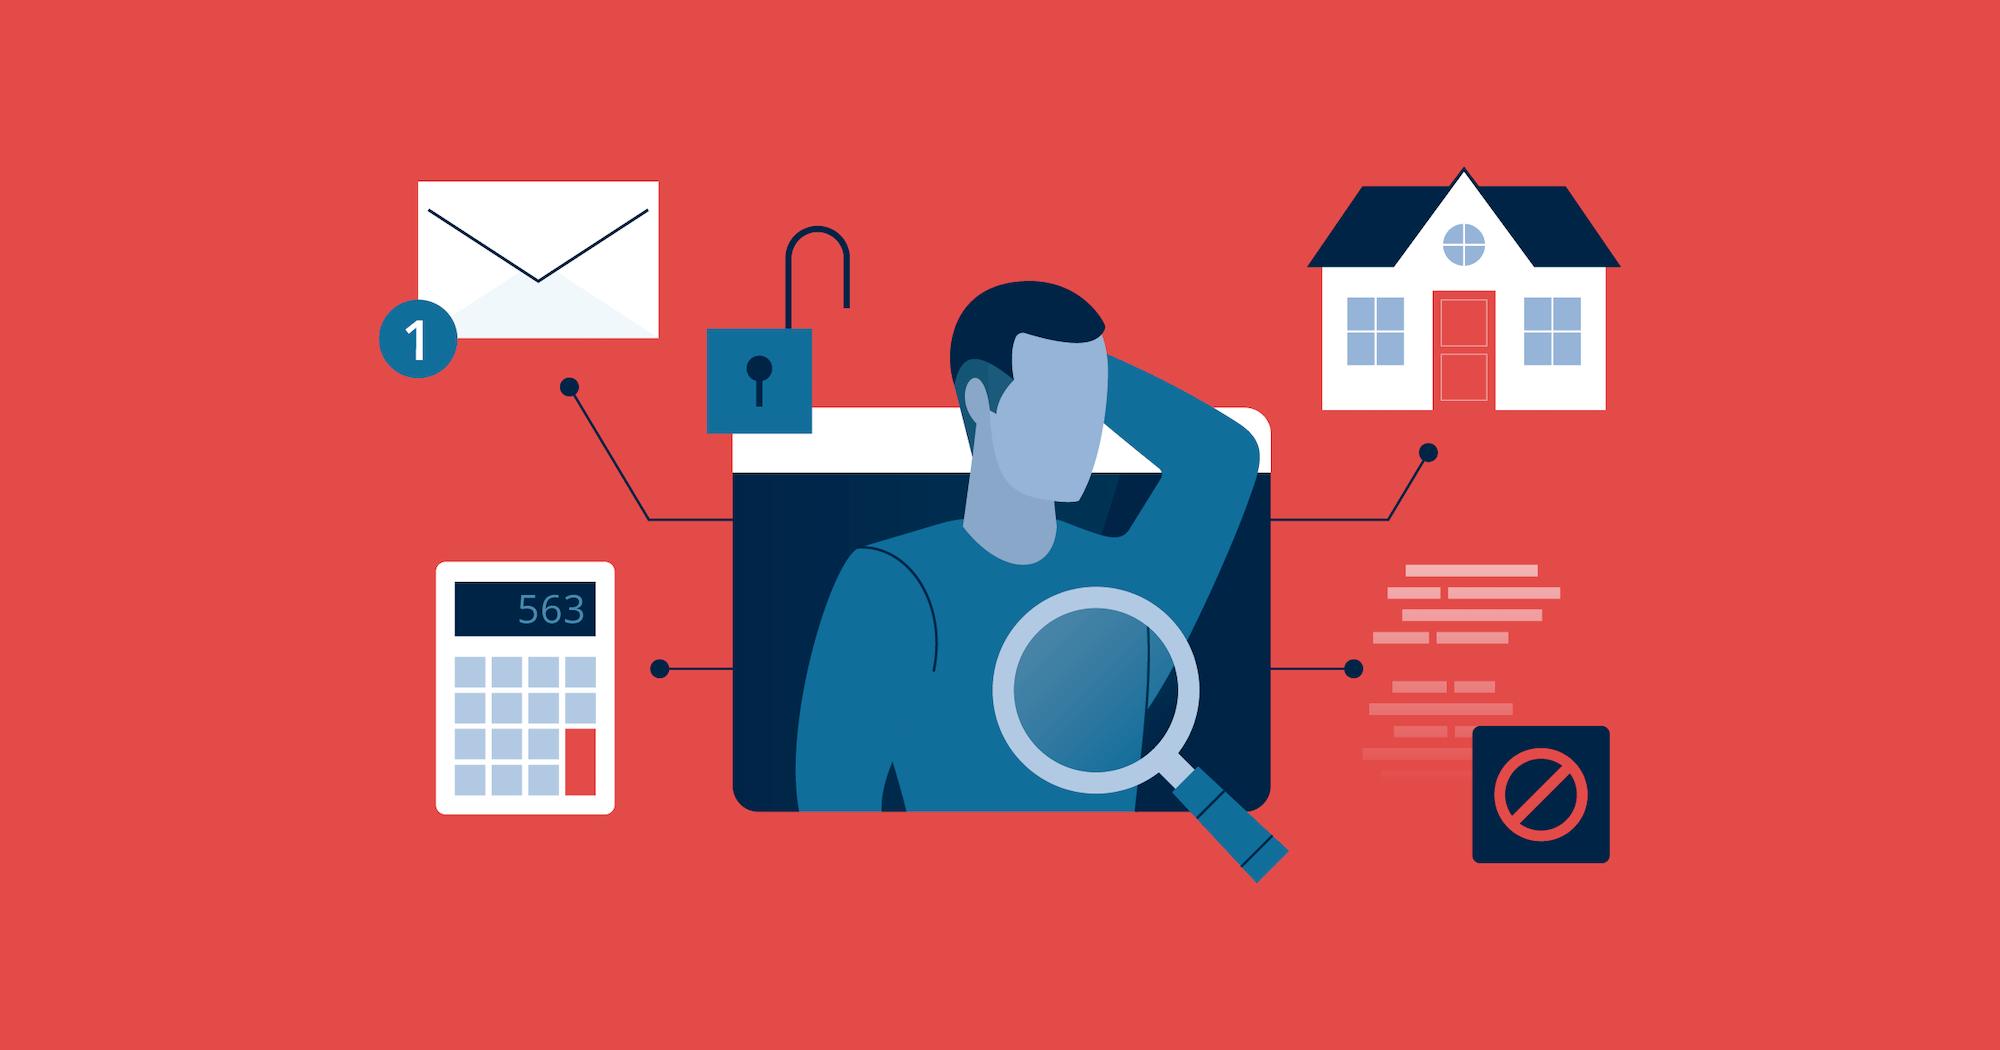 Il 43% delle PMI italiane utilizza strumenti di controllo e monitoraggio dei dipendenti